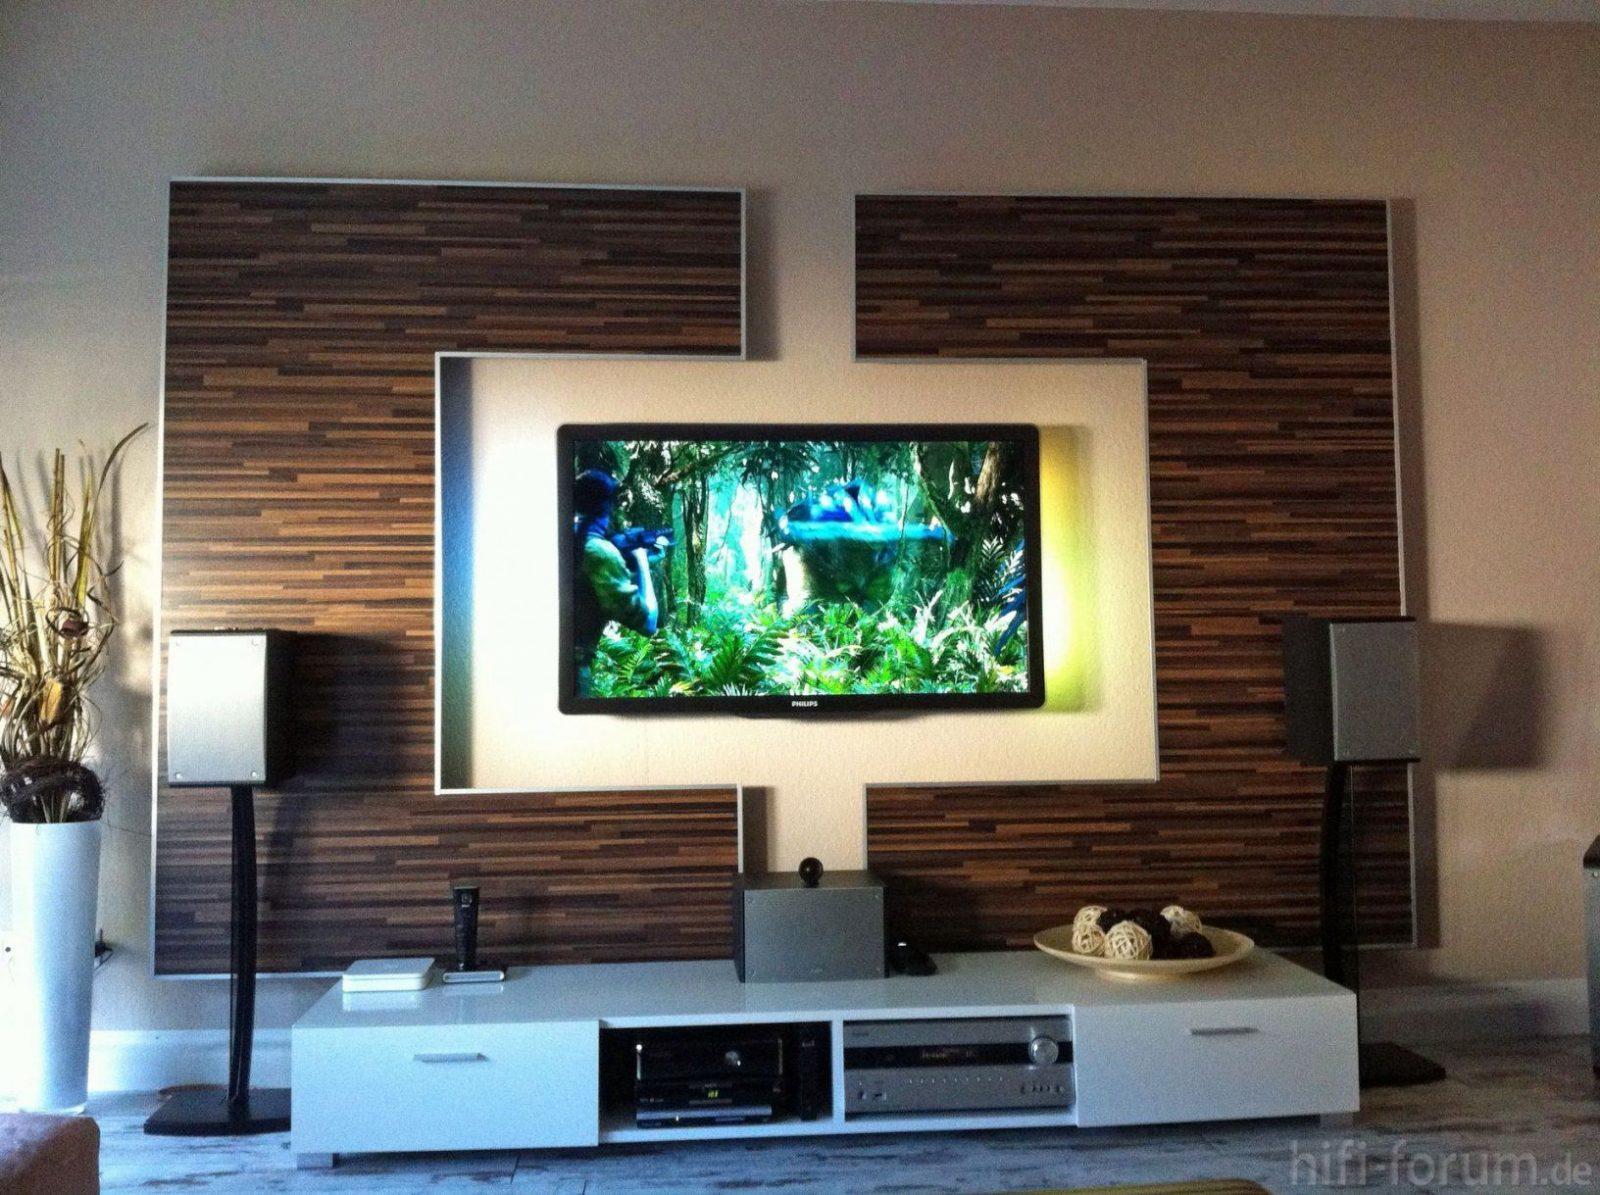 Wohnzimmer Tv Wand Selber Bauen Wohnwand Front Doityourself Von Hinter Fernseher Gestalten Bild